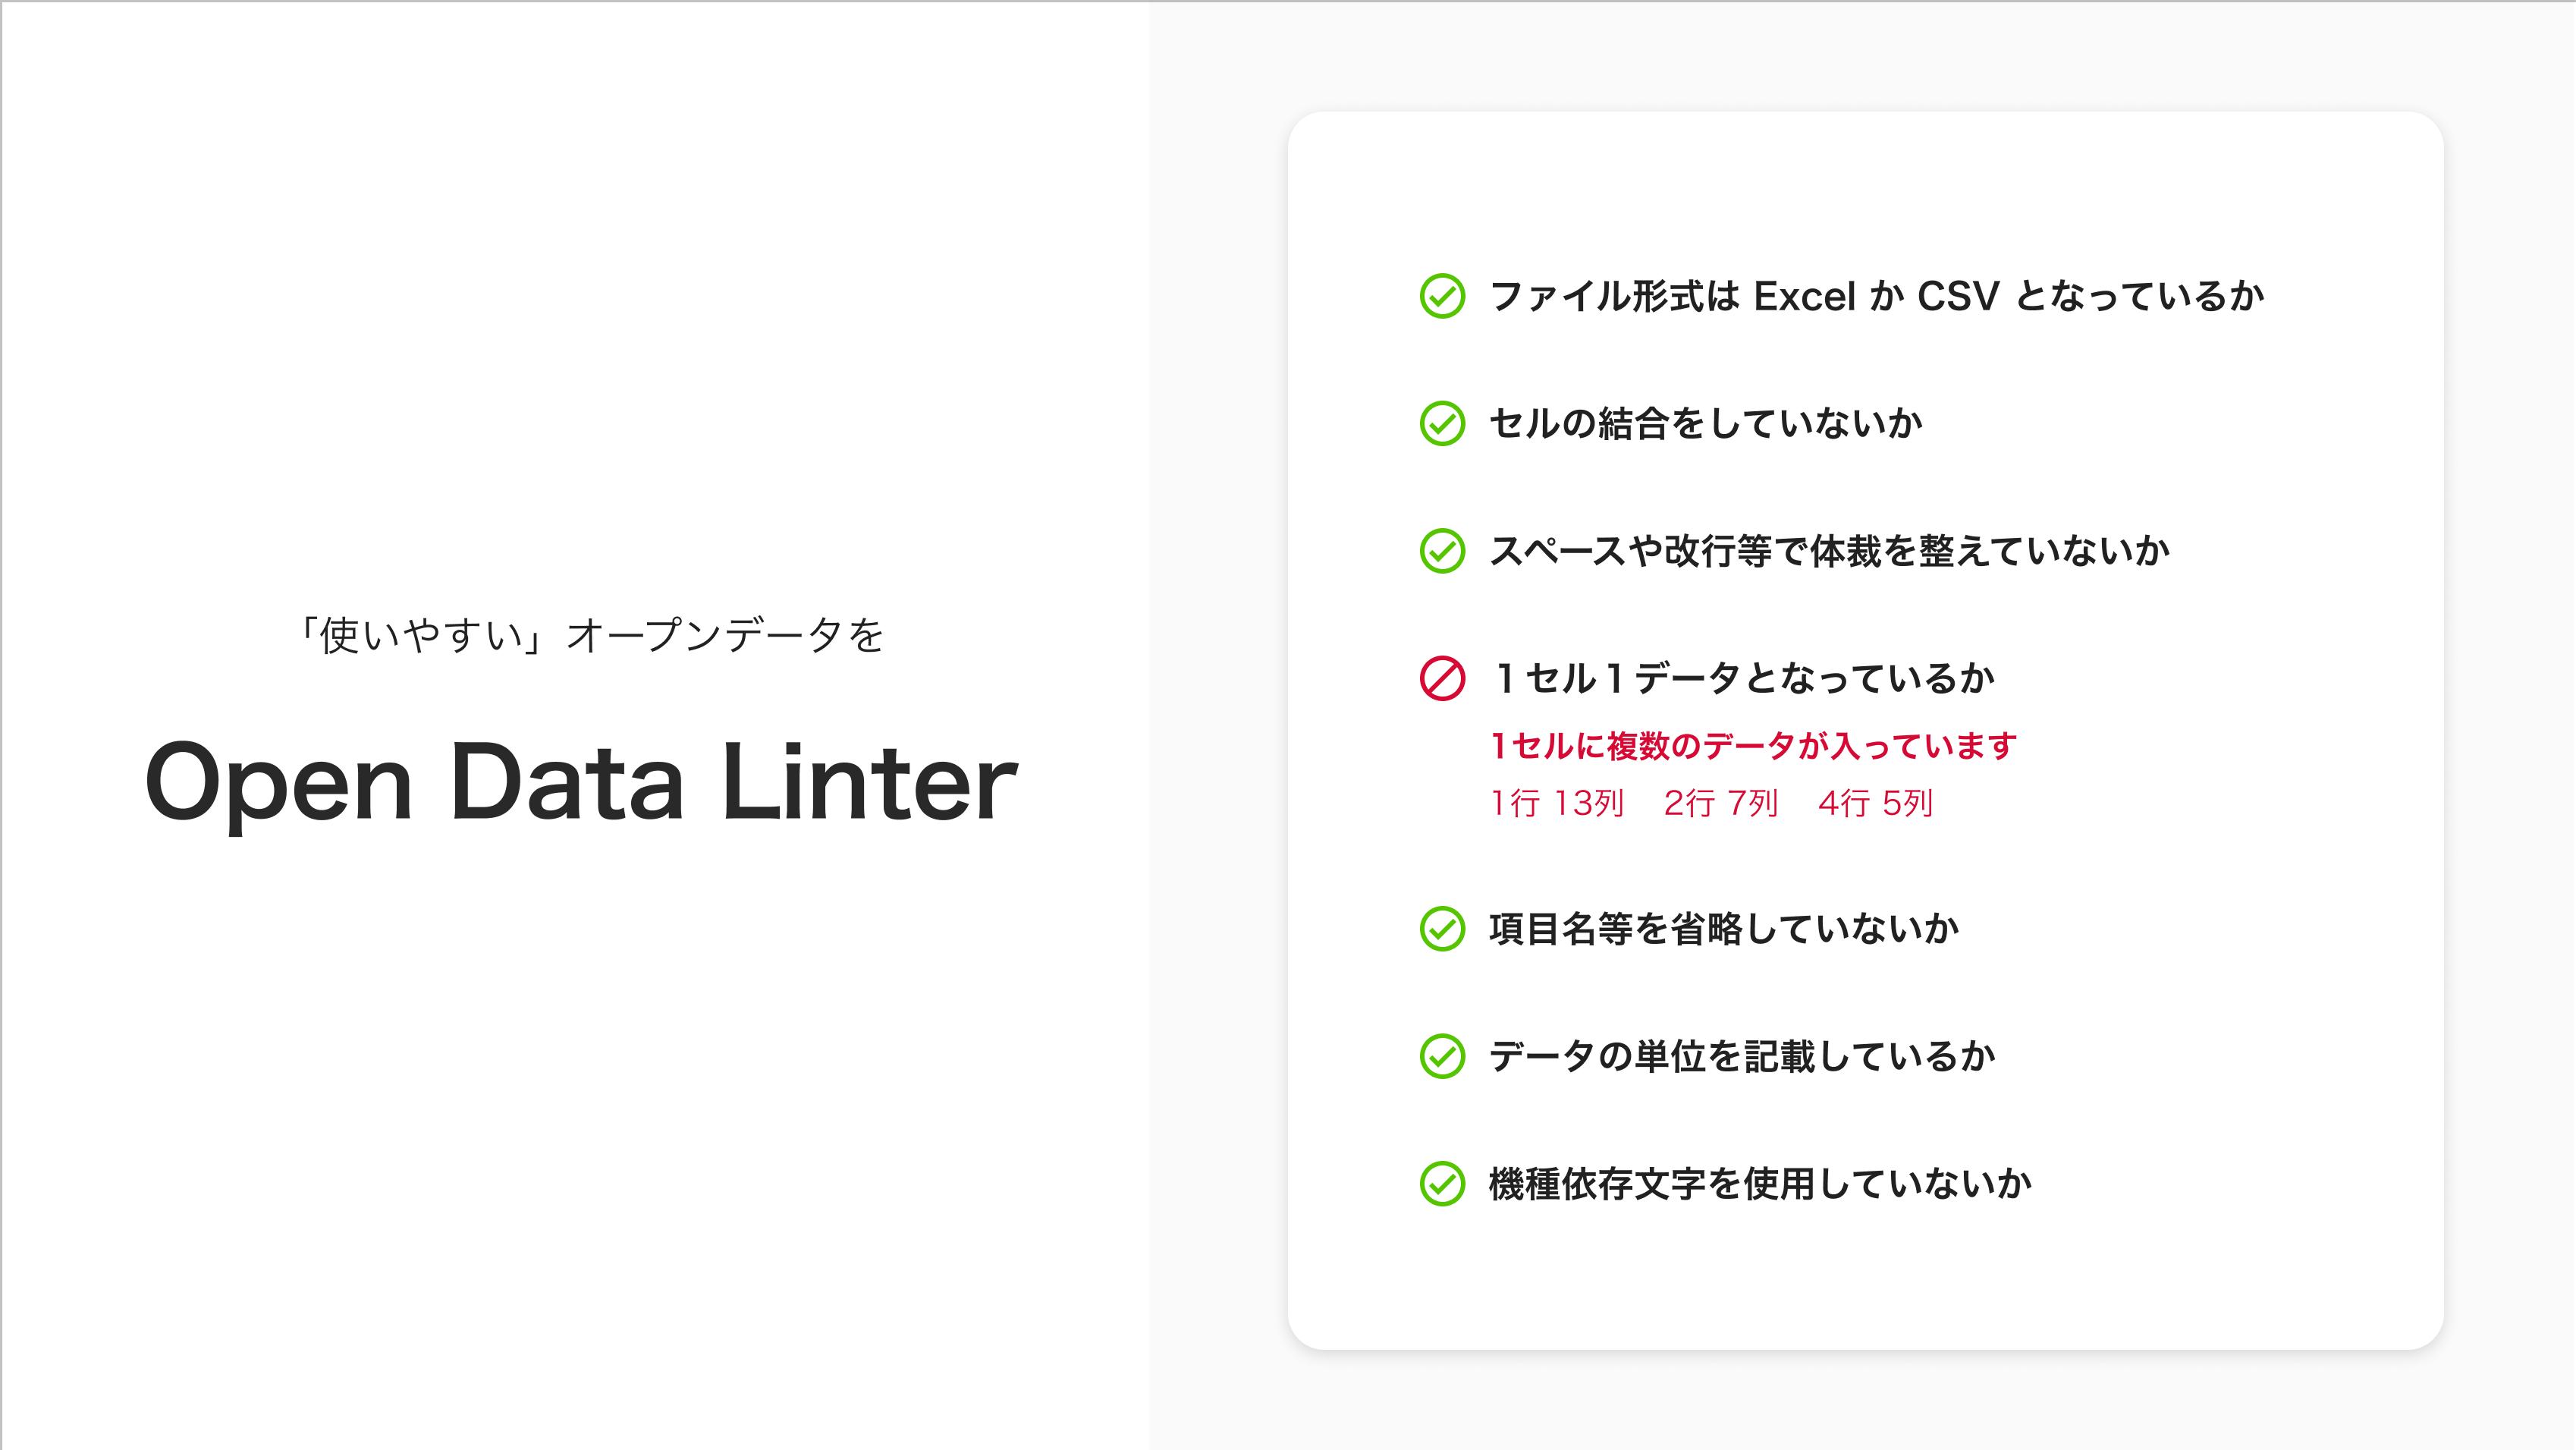 Open Data Linter